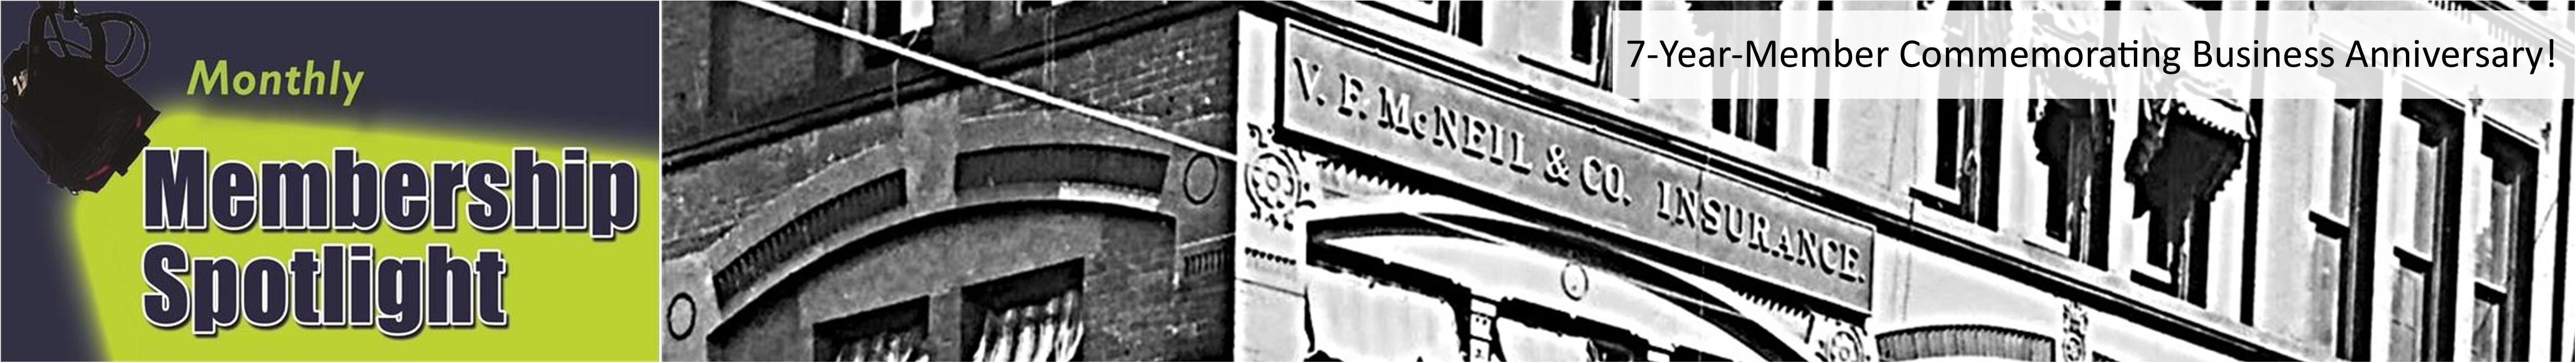 VF McNeil Insurance Member Spotlight Banner